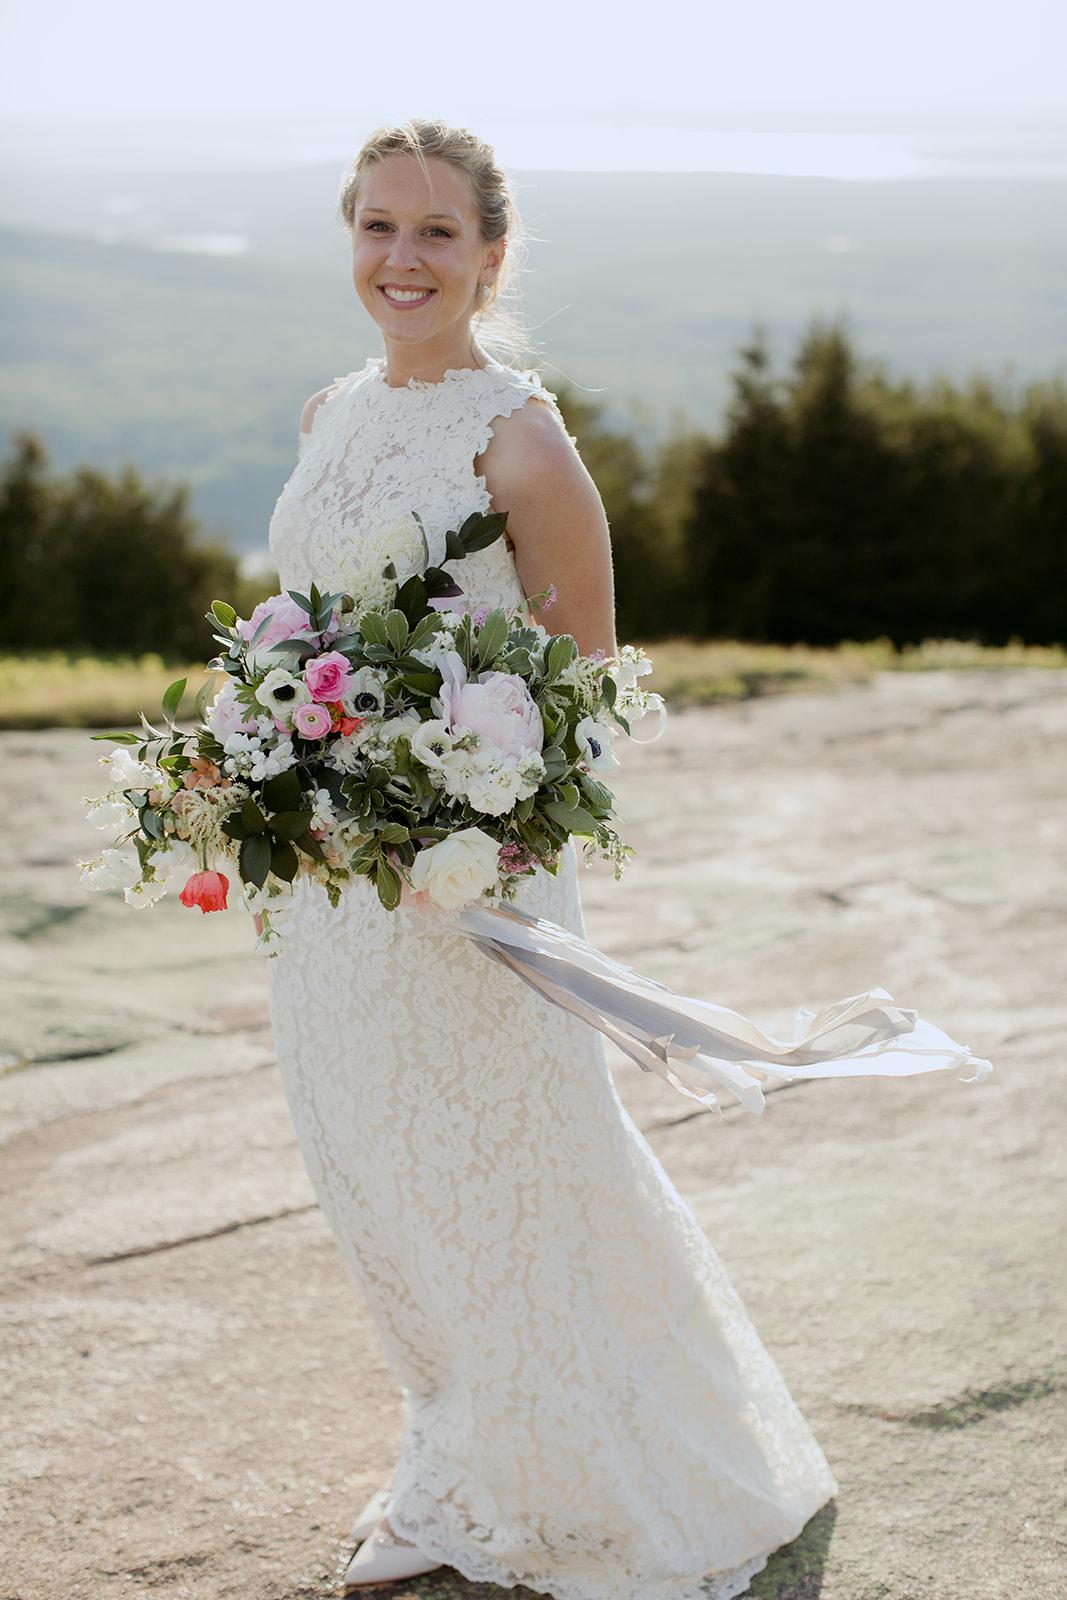 Watershed_Floral_Acadia_Maine_Wedding_Florist__Acadia_262.jpg